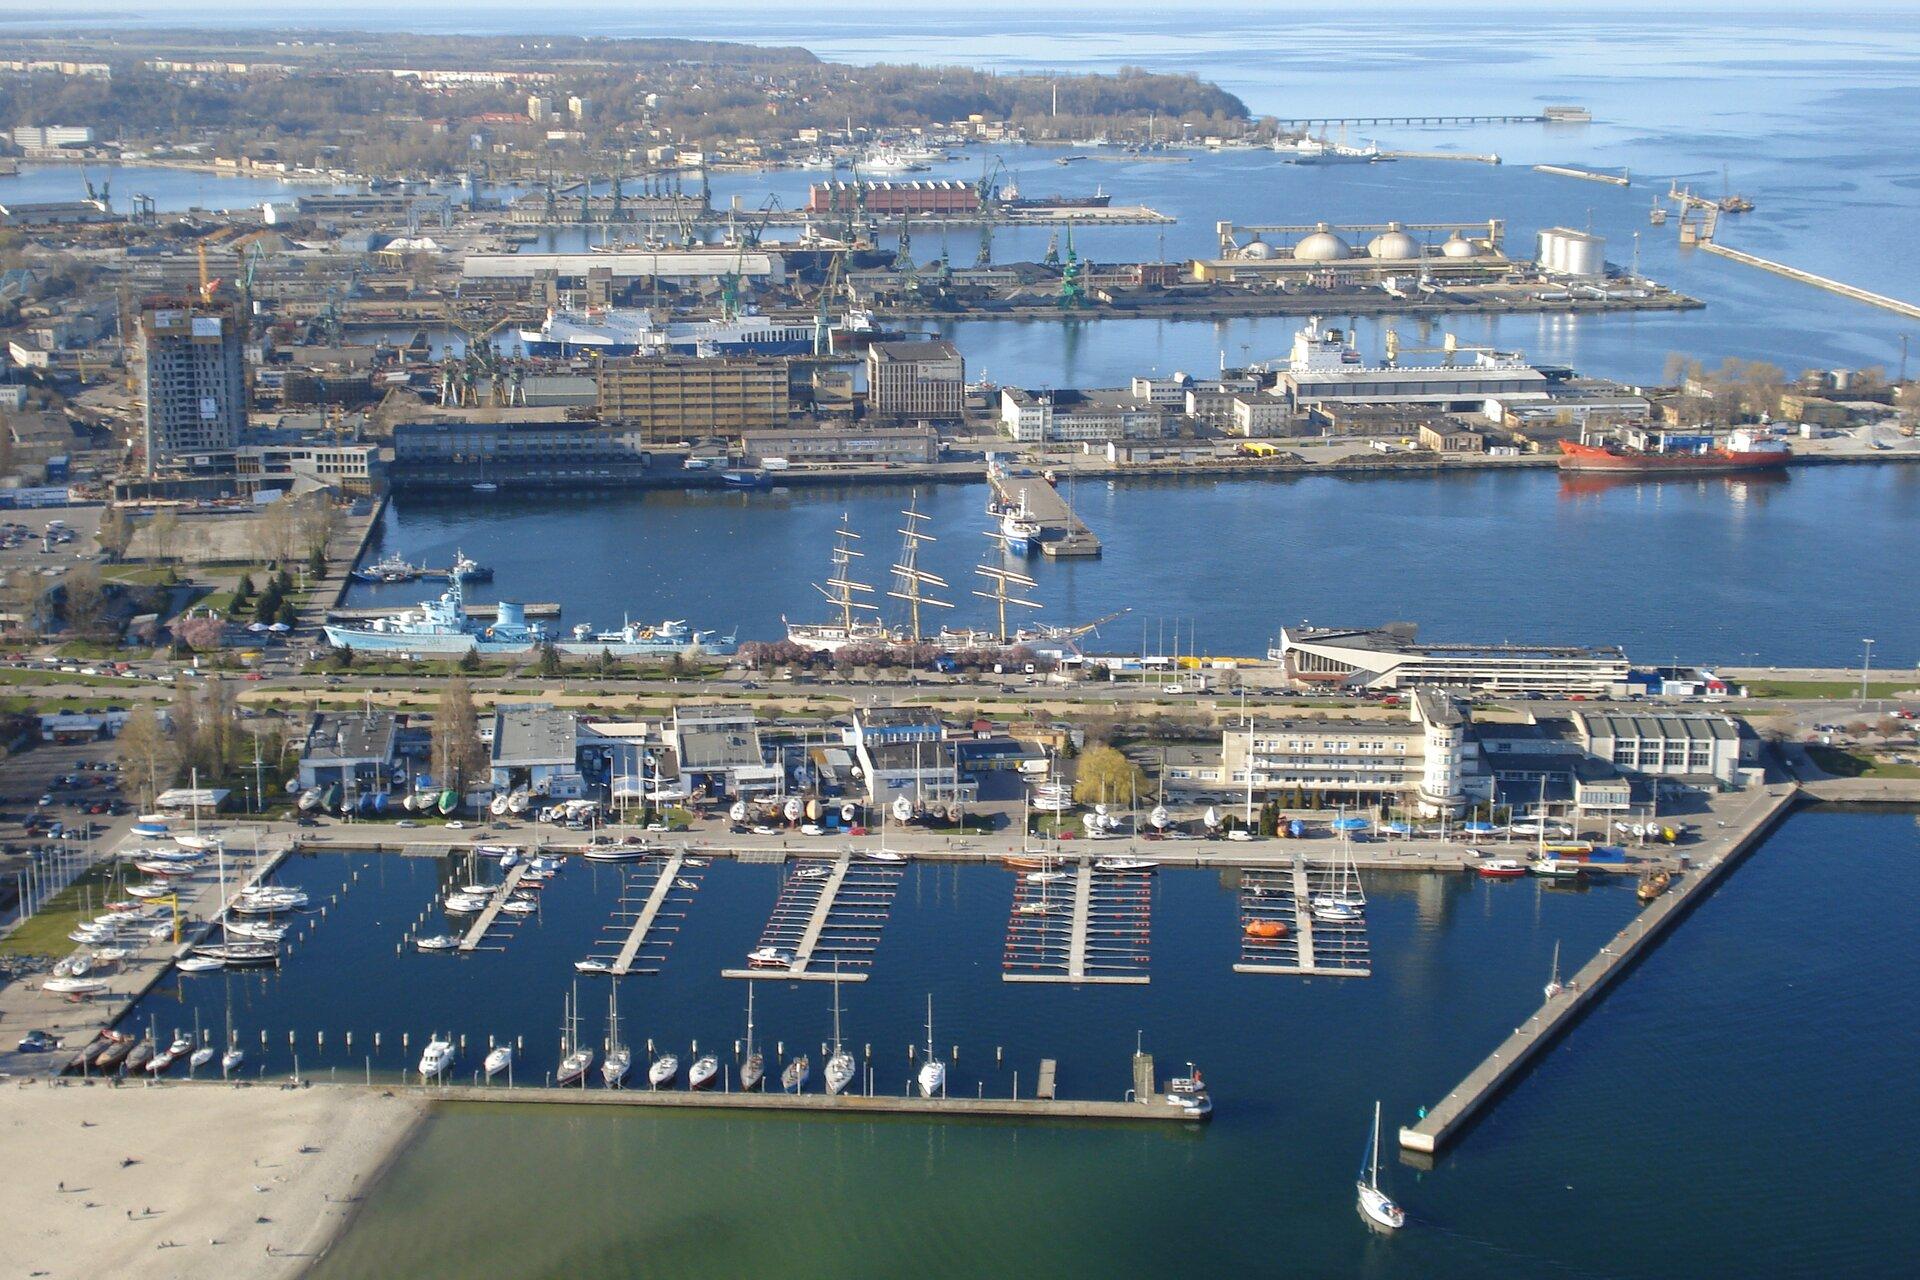 Na zdjęciu lotniczym zabudowania portowe. Kilka basenów portowych wkształcie wąskich prostokątów zbetonowymi nabrzeżami uzbrojonych wdźwigi, magazyny. Zacumowane statki, jachty, łodzie.